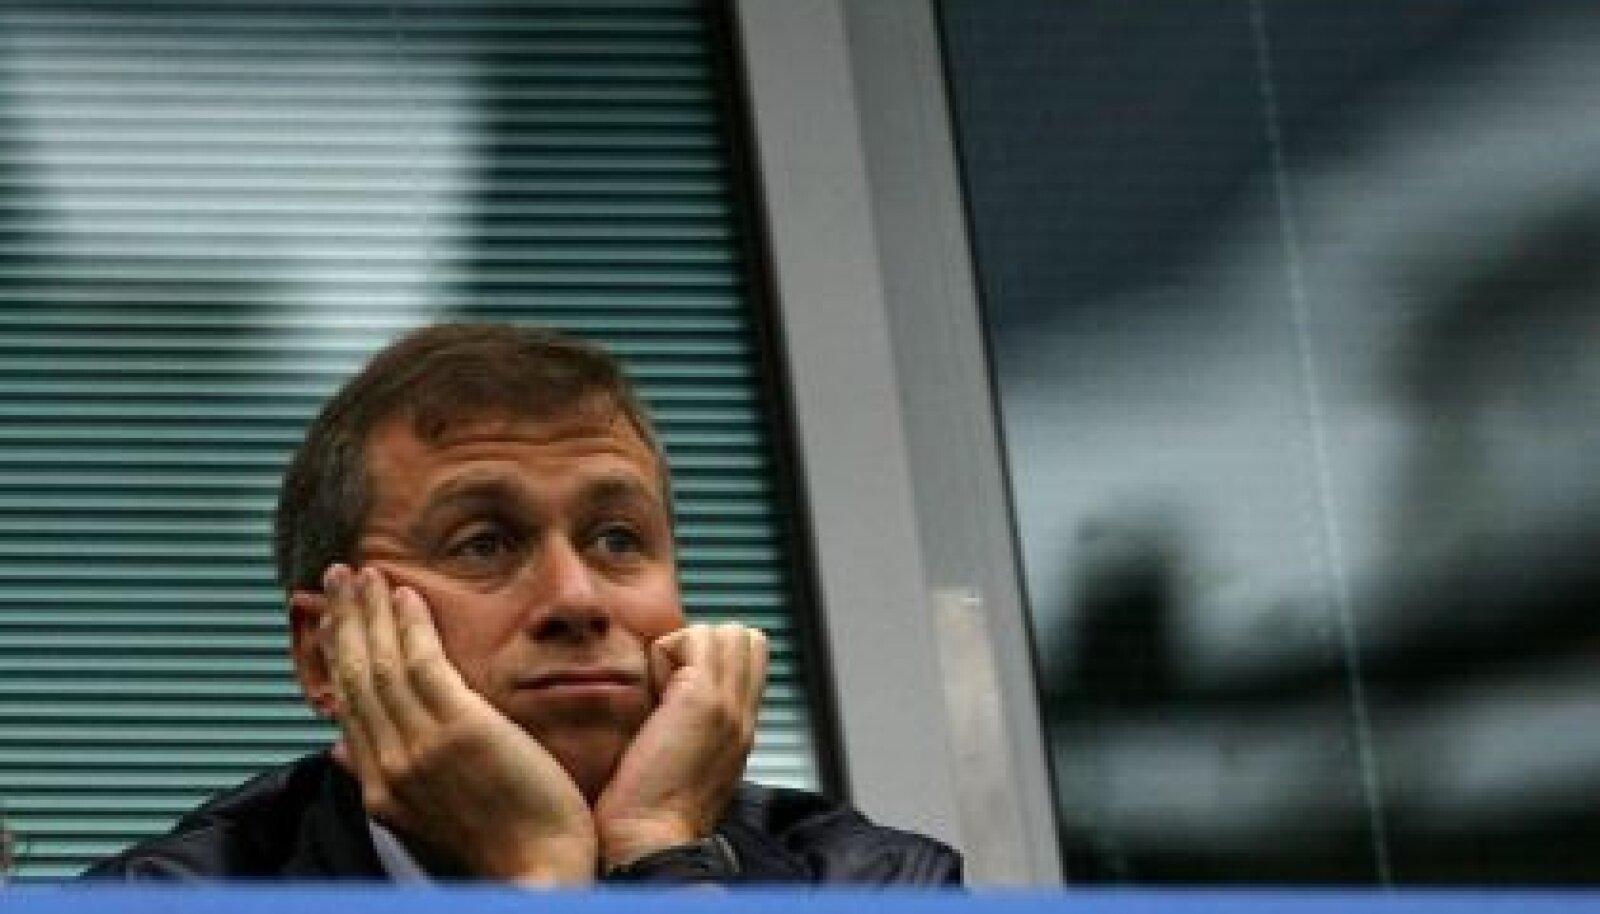 Londoni jalgpalliklubi Chelsea F.C. omanik suurärimees Roman Abramovitš